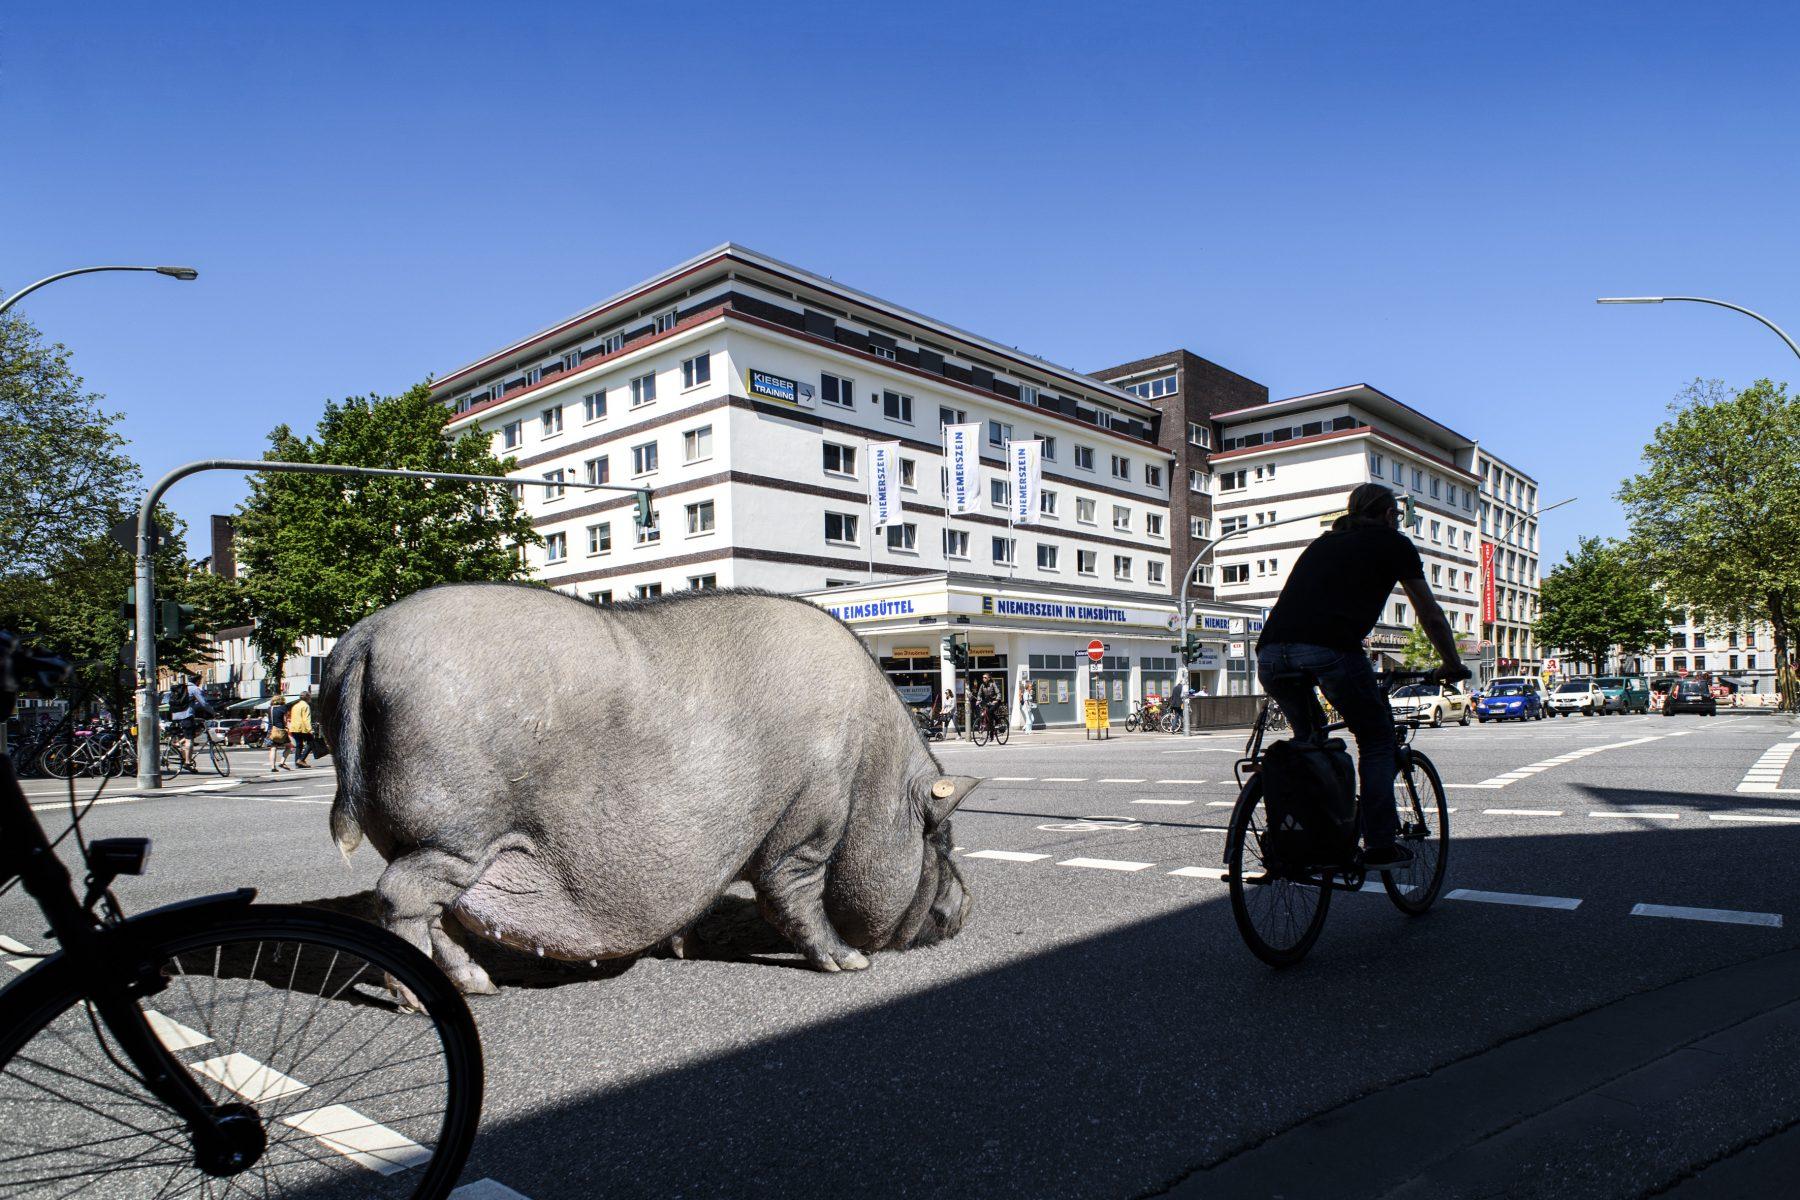 Hängebauchschwein auf der Osterstraße